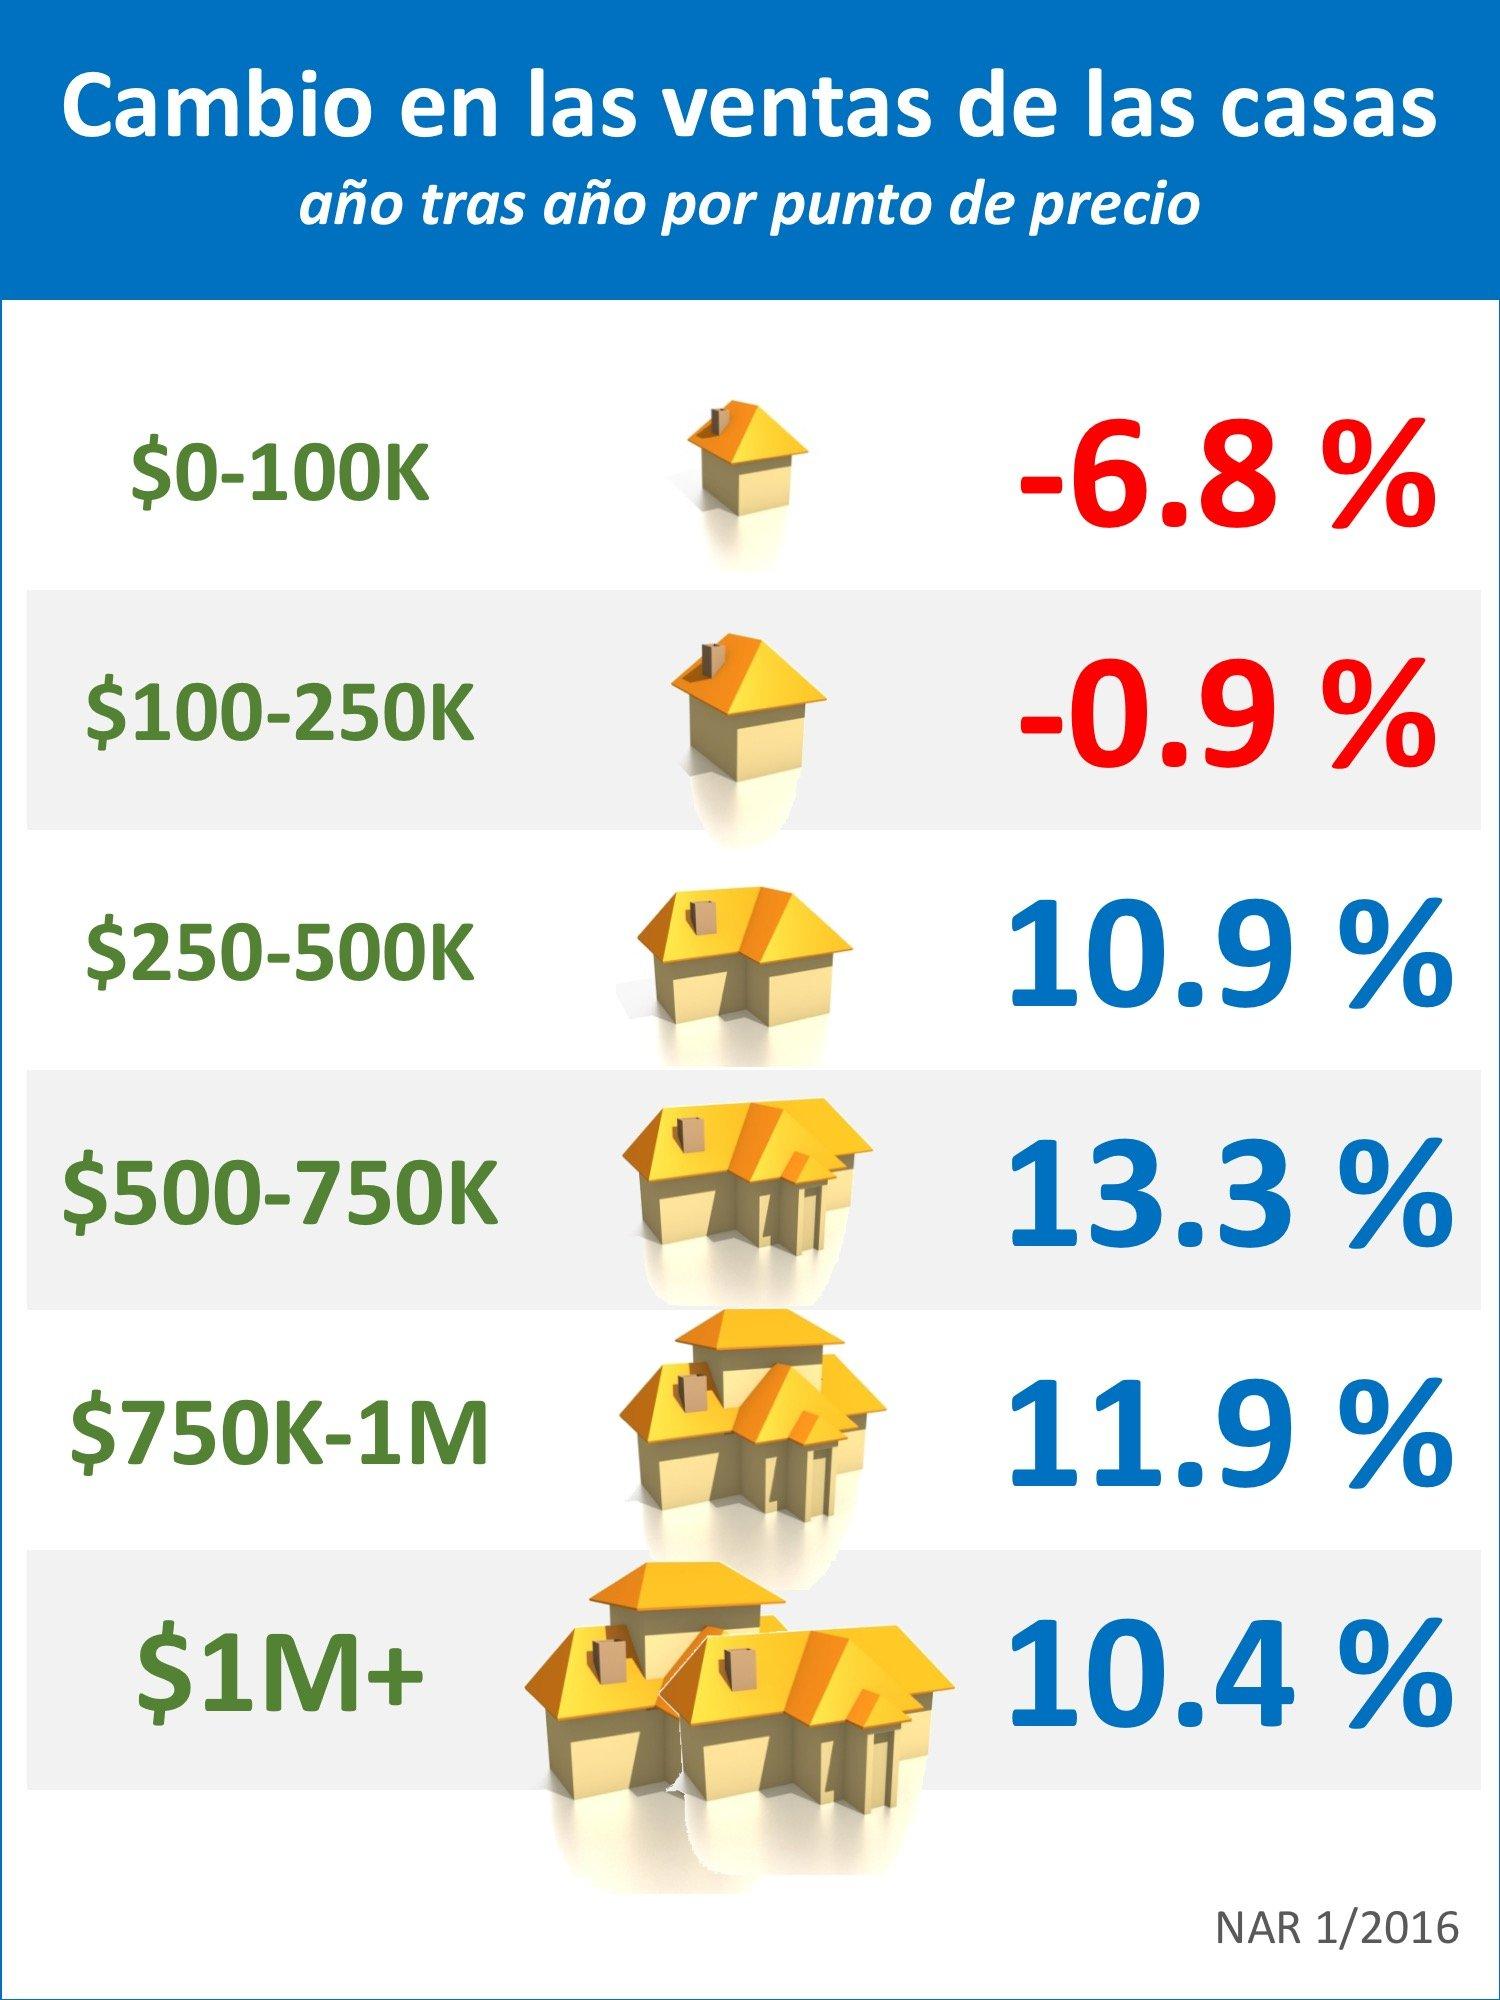 Cambio en las ventas de las casas por rango de precio [INFOGRAFíA] | Simplifying The Market